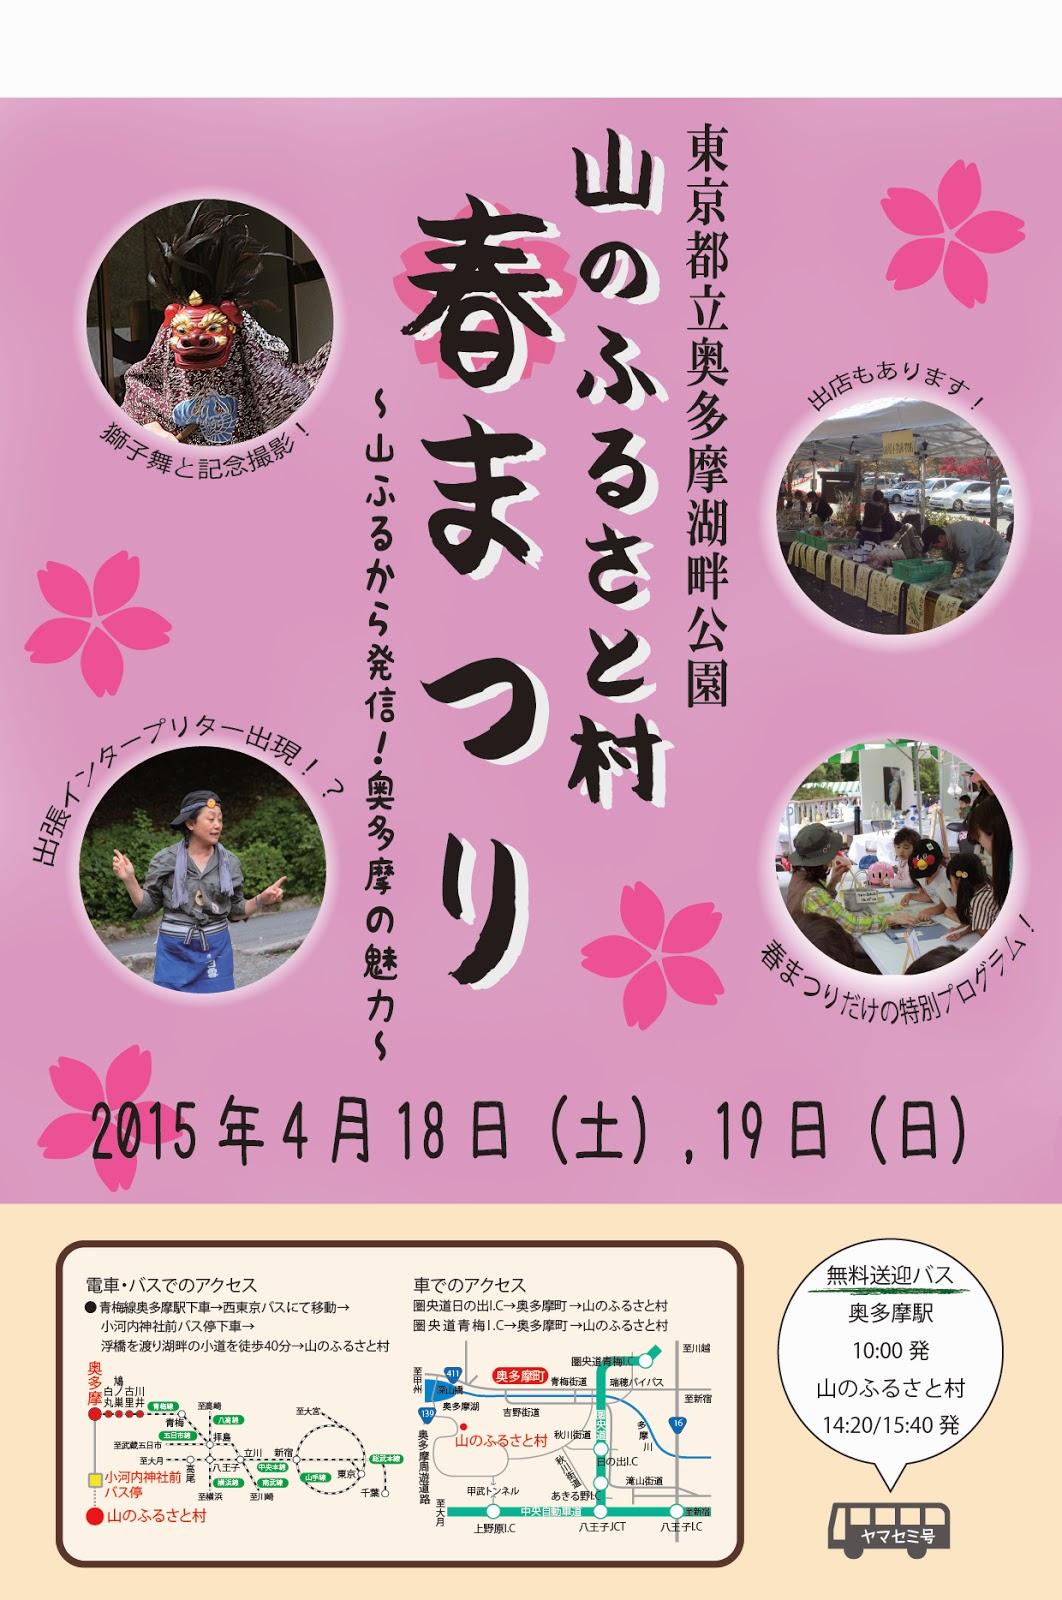 http://www.yamafuru.com/chirashi/2015harumatsuriomote.pdf